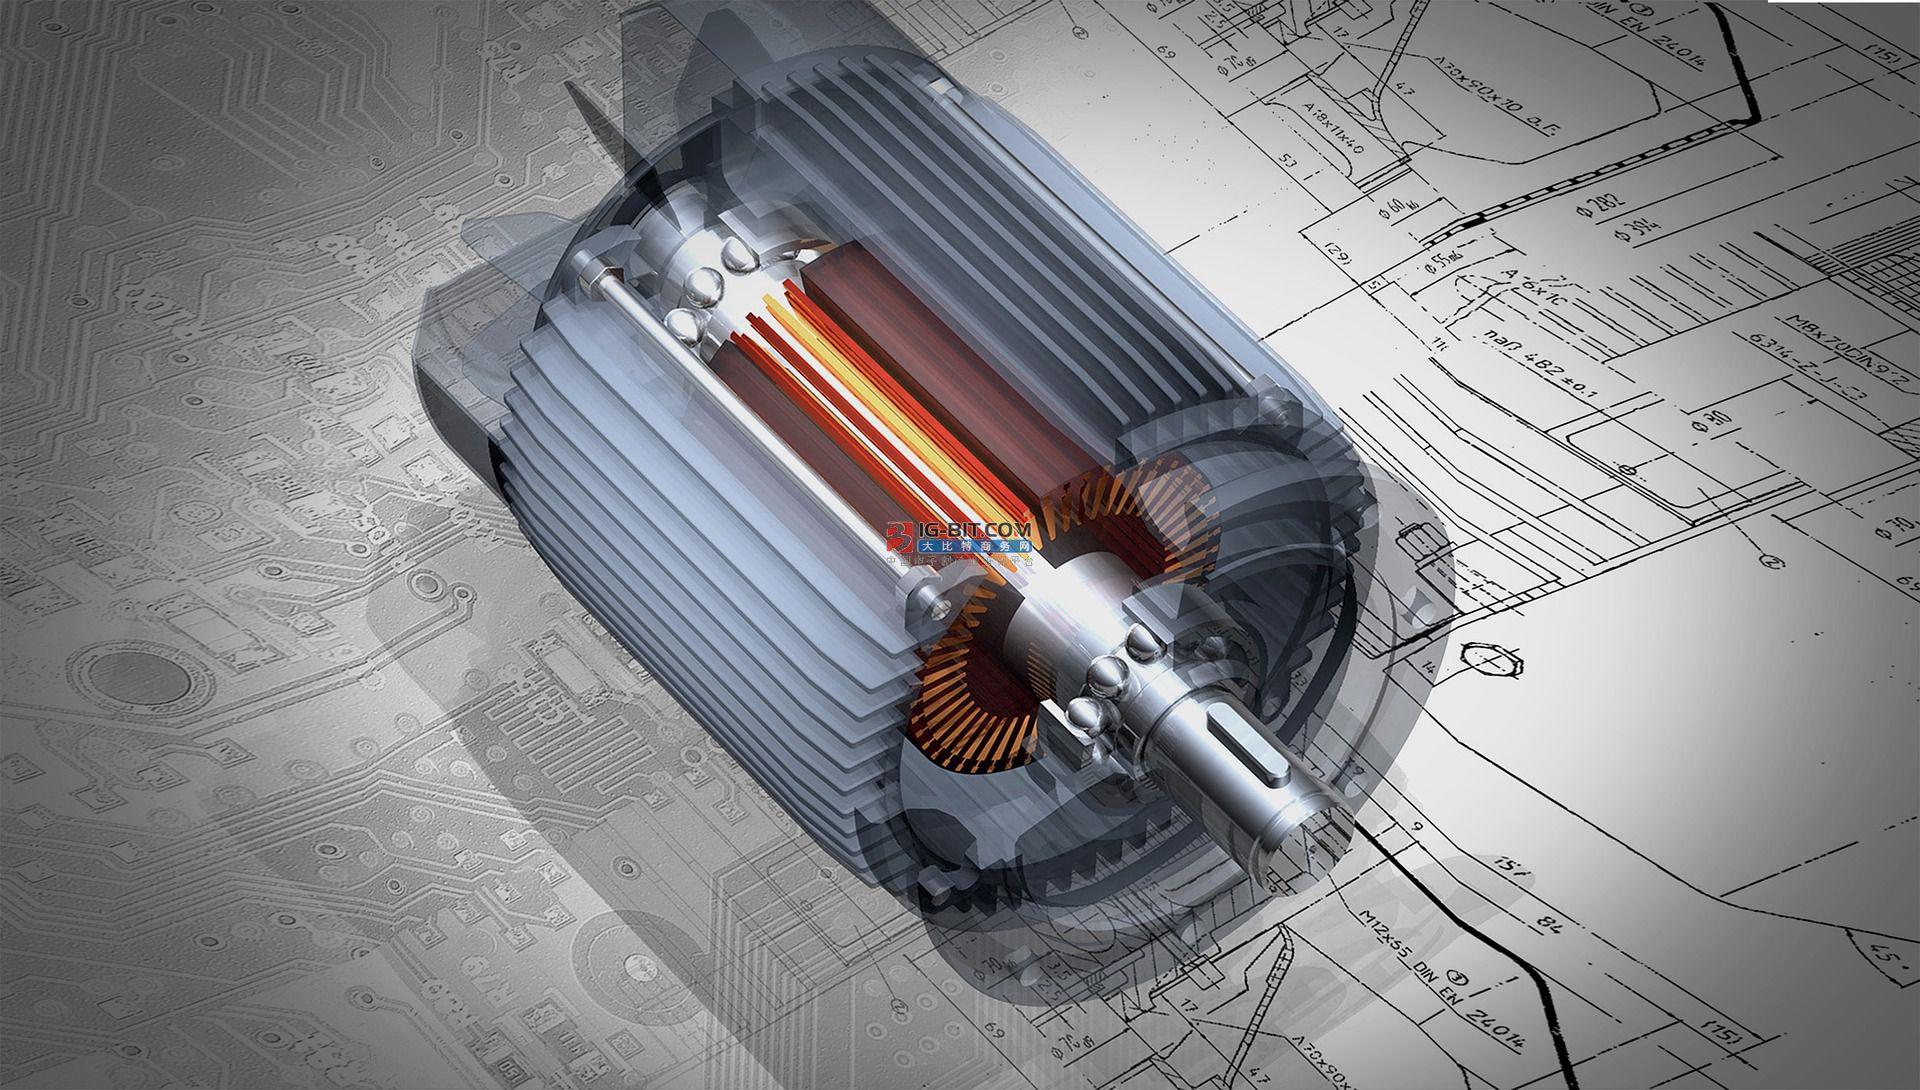 异步电机产品的结构分布和功能分析——转子部分